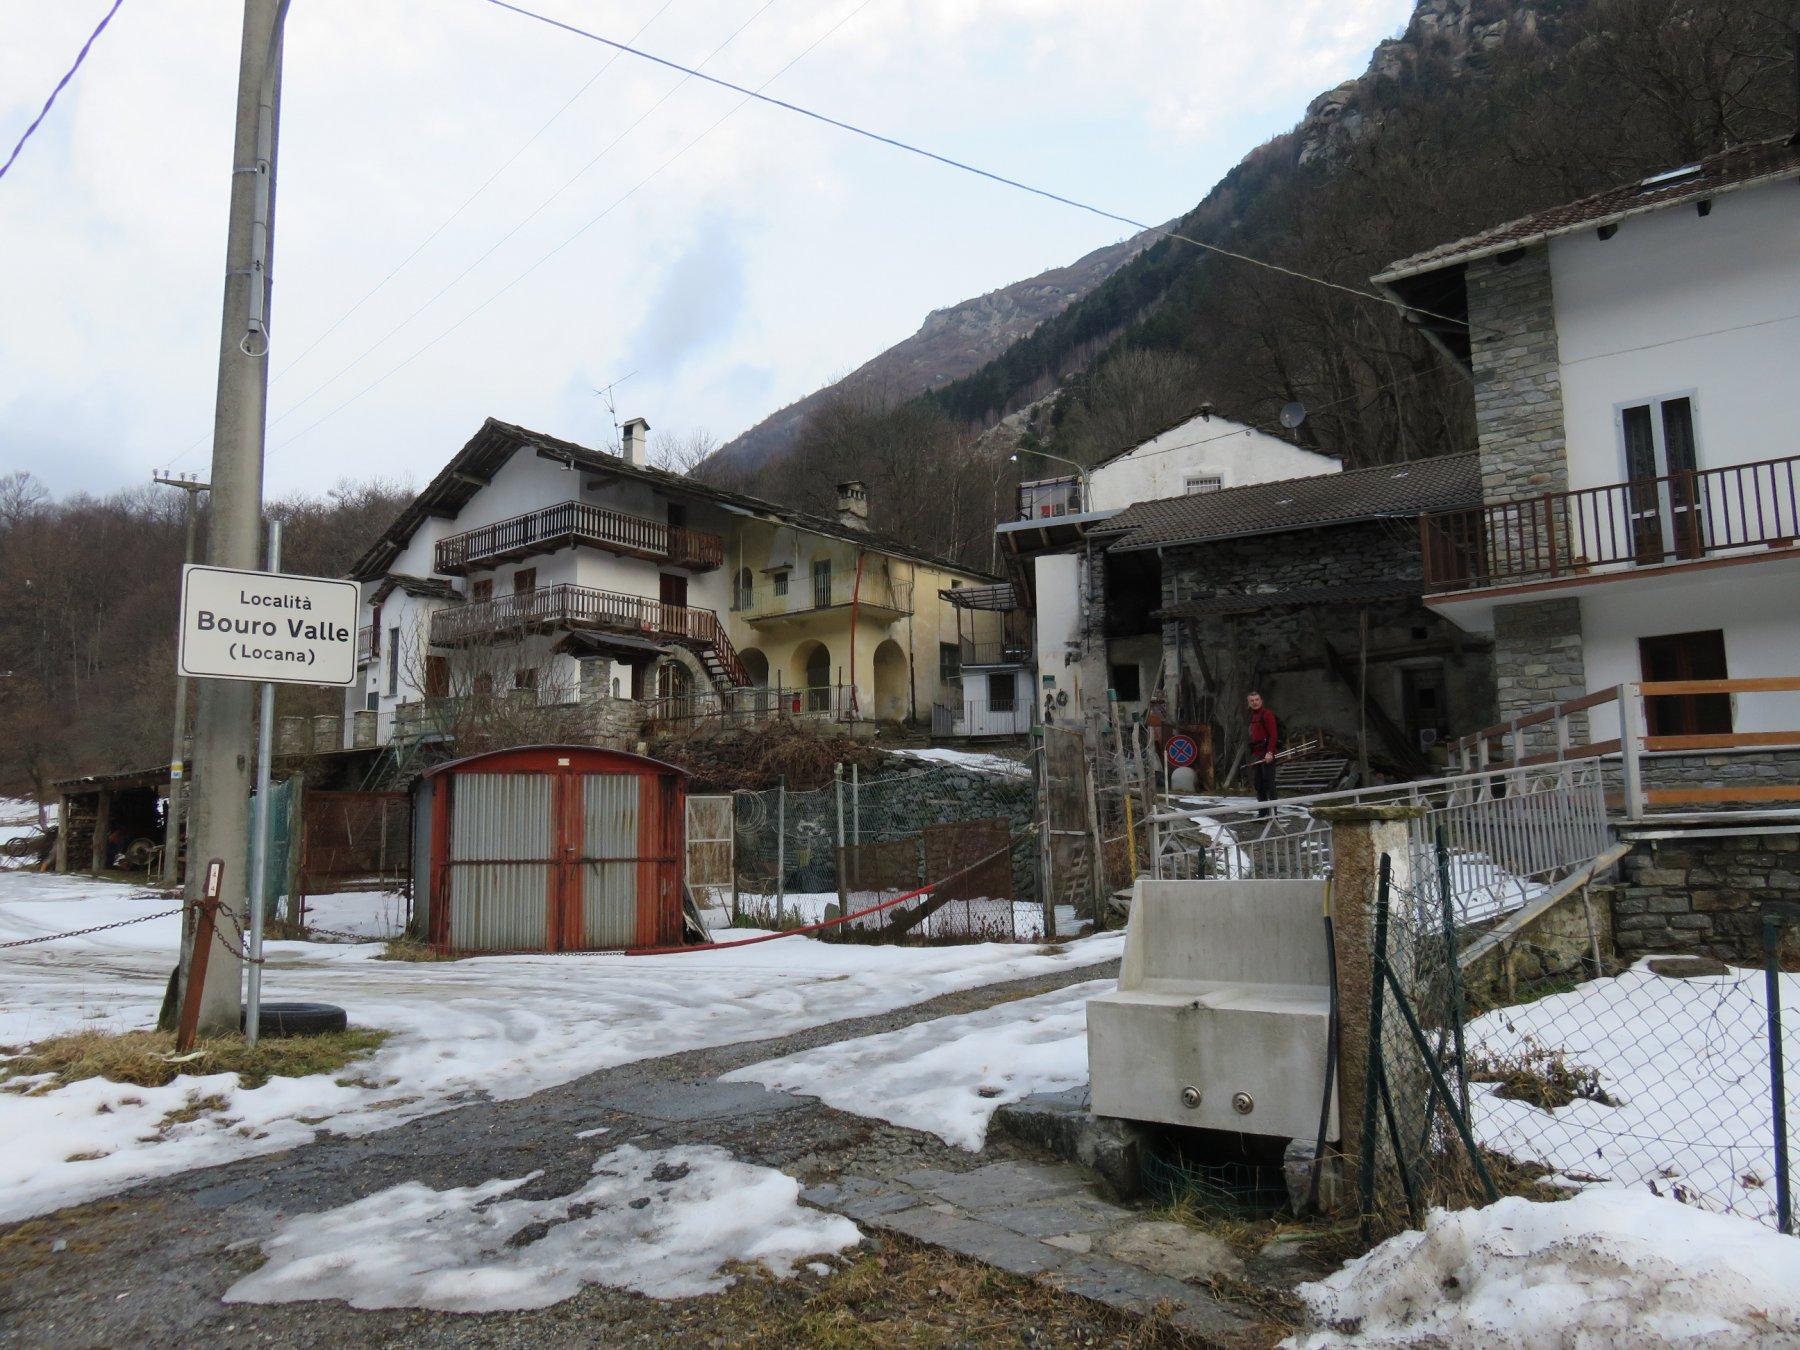 Inizio sentiero a Bouro Valle